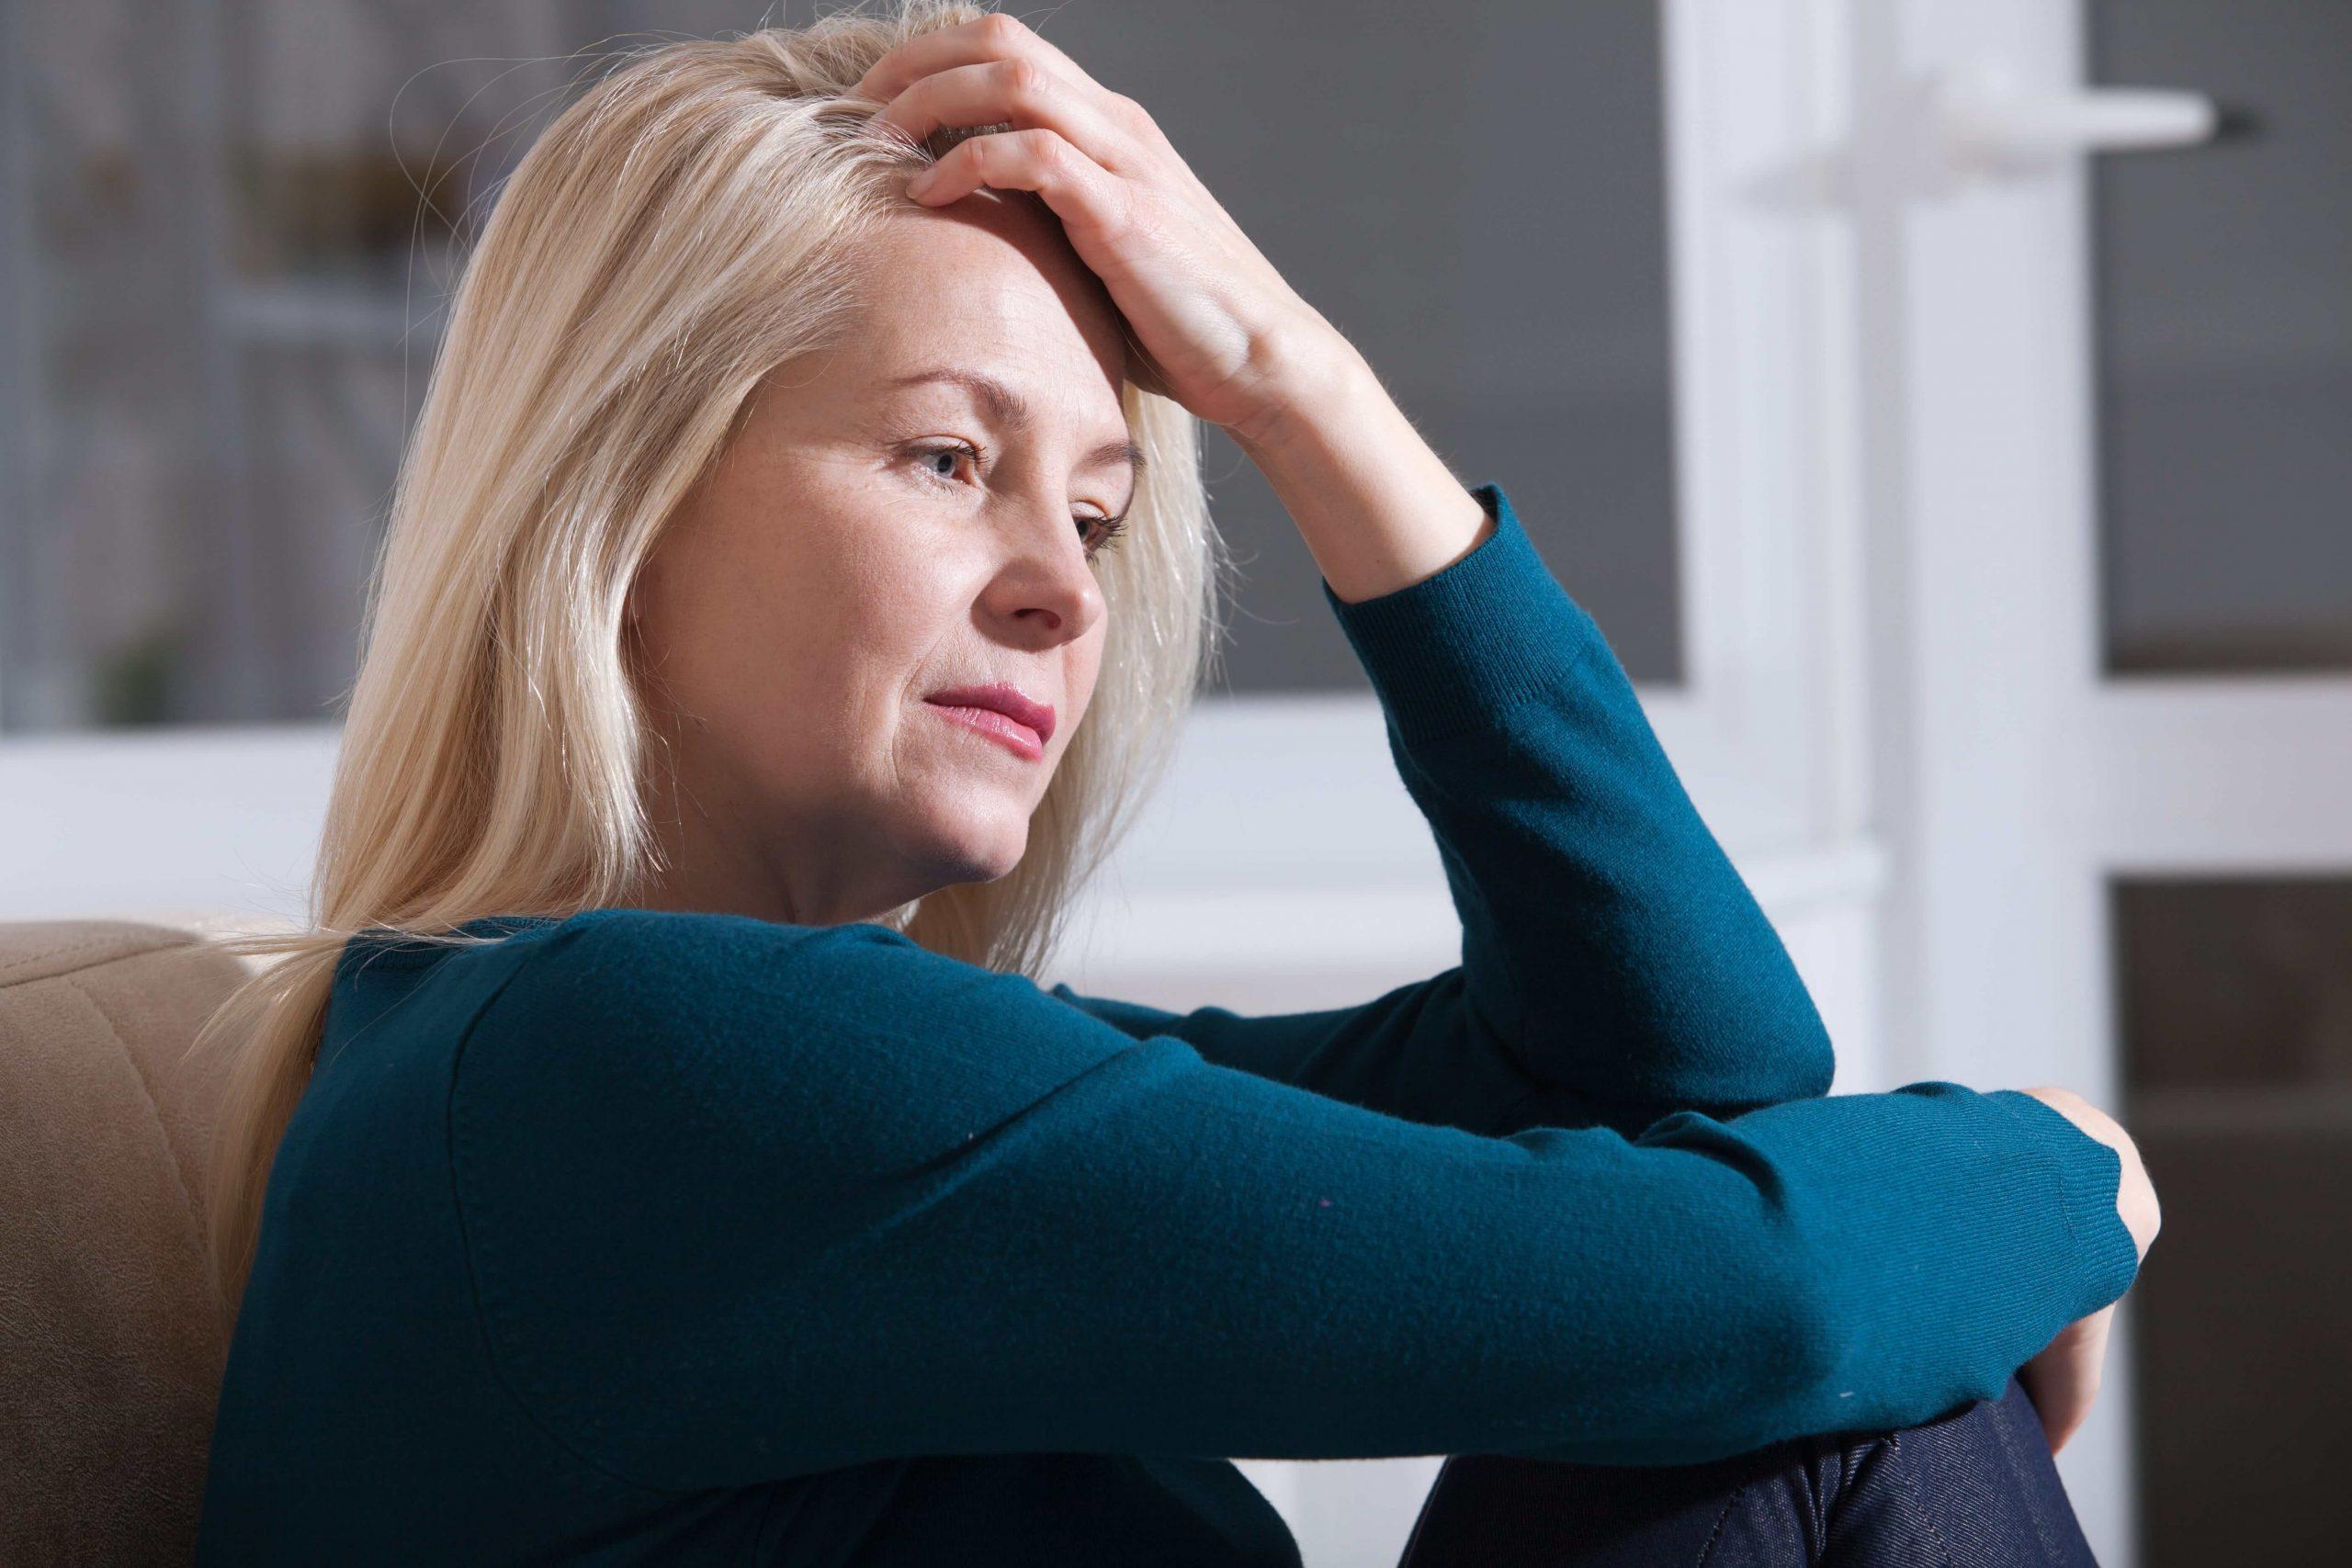 Donne psicologhe: loro che ascoltano, non vengono ascoltate